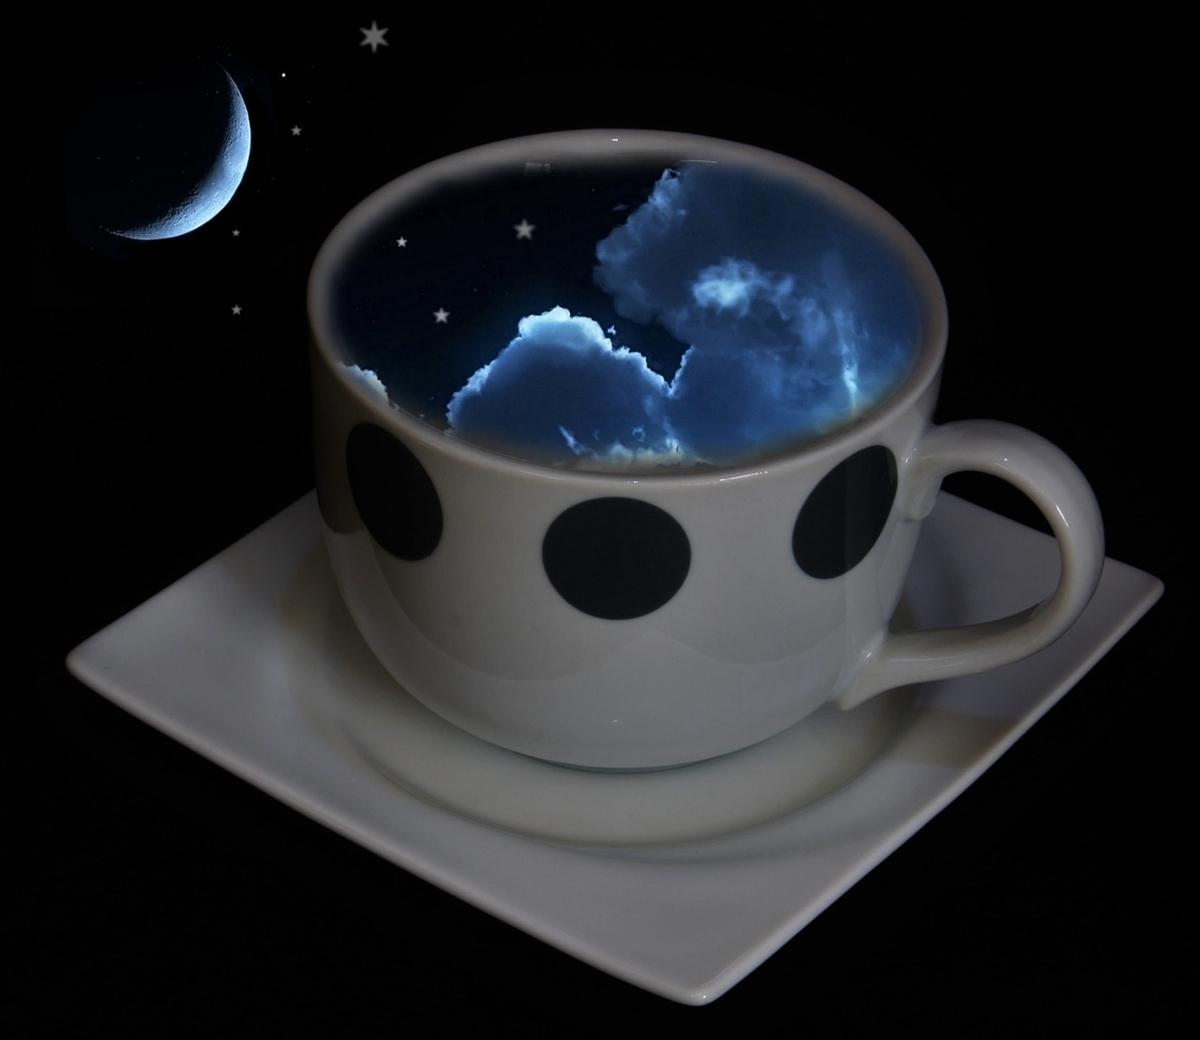 コーヒーが過敏性腸症候群の原因だったのか?